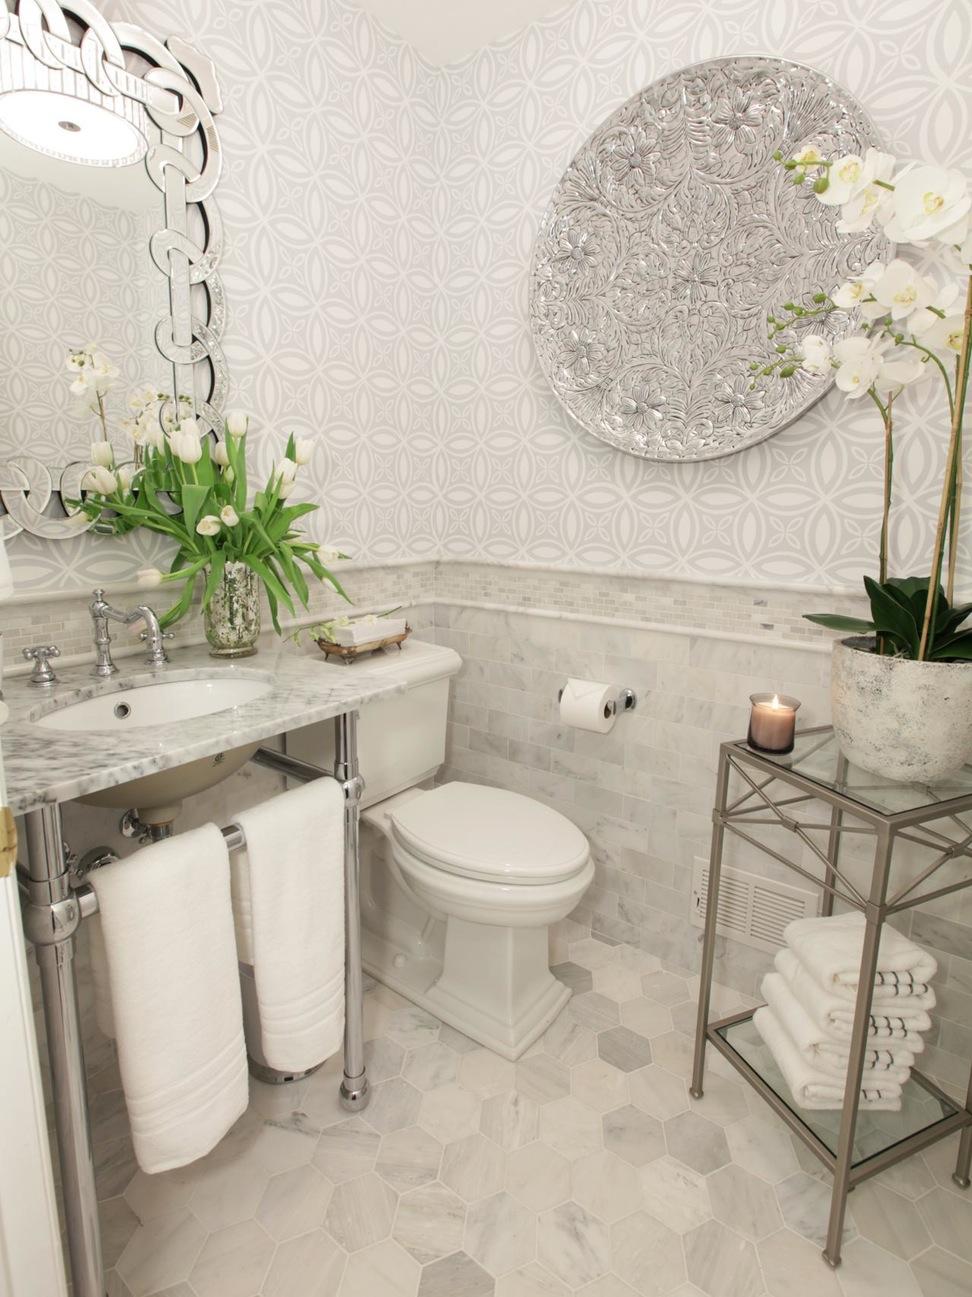 baños originales con espejos llamativos